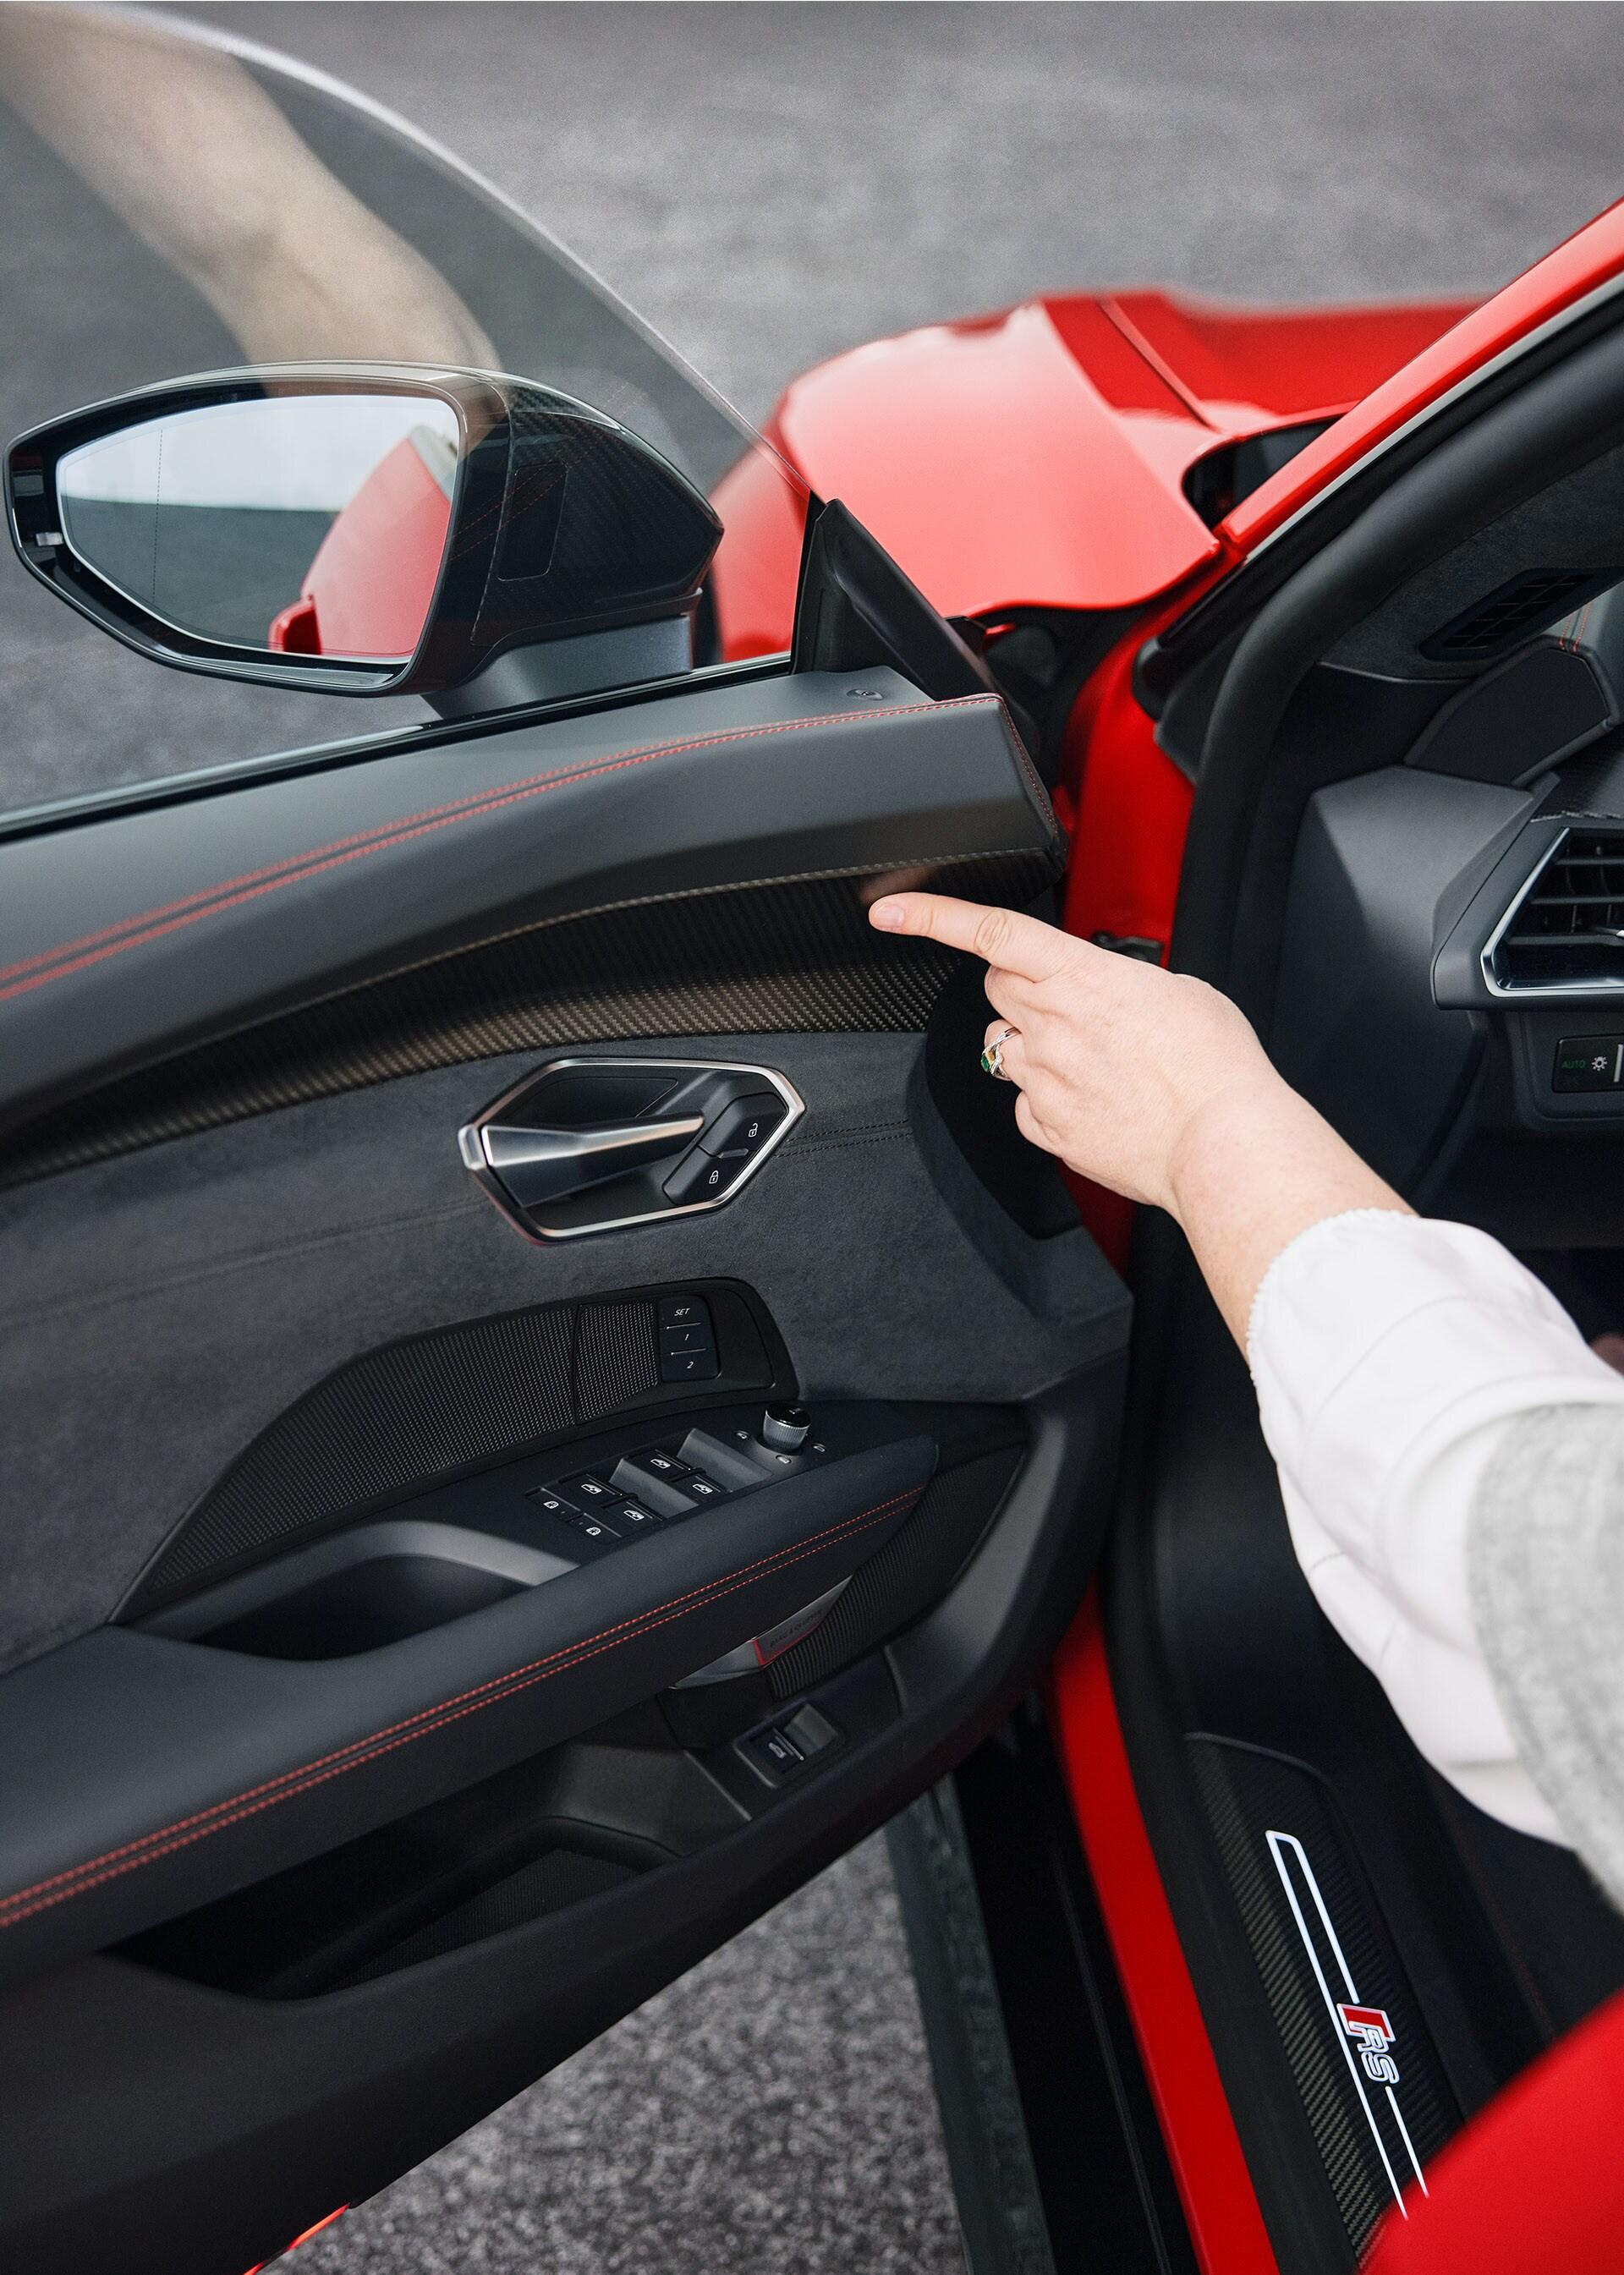 Notranjost modela Audi RS e-tron GT navdušuje z značilnim videzom: od kontrastnih šivov do inovativnih materialov in ekskluzivno oblikovanih površin.